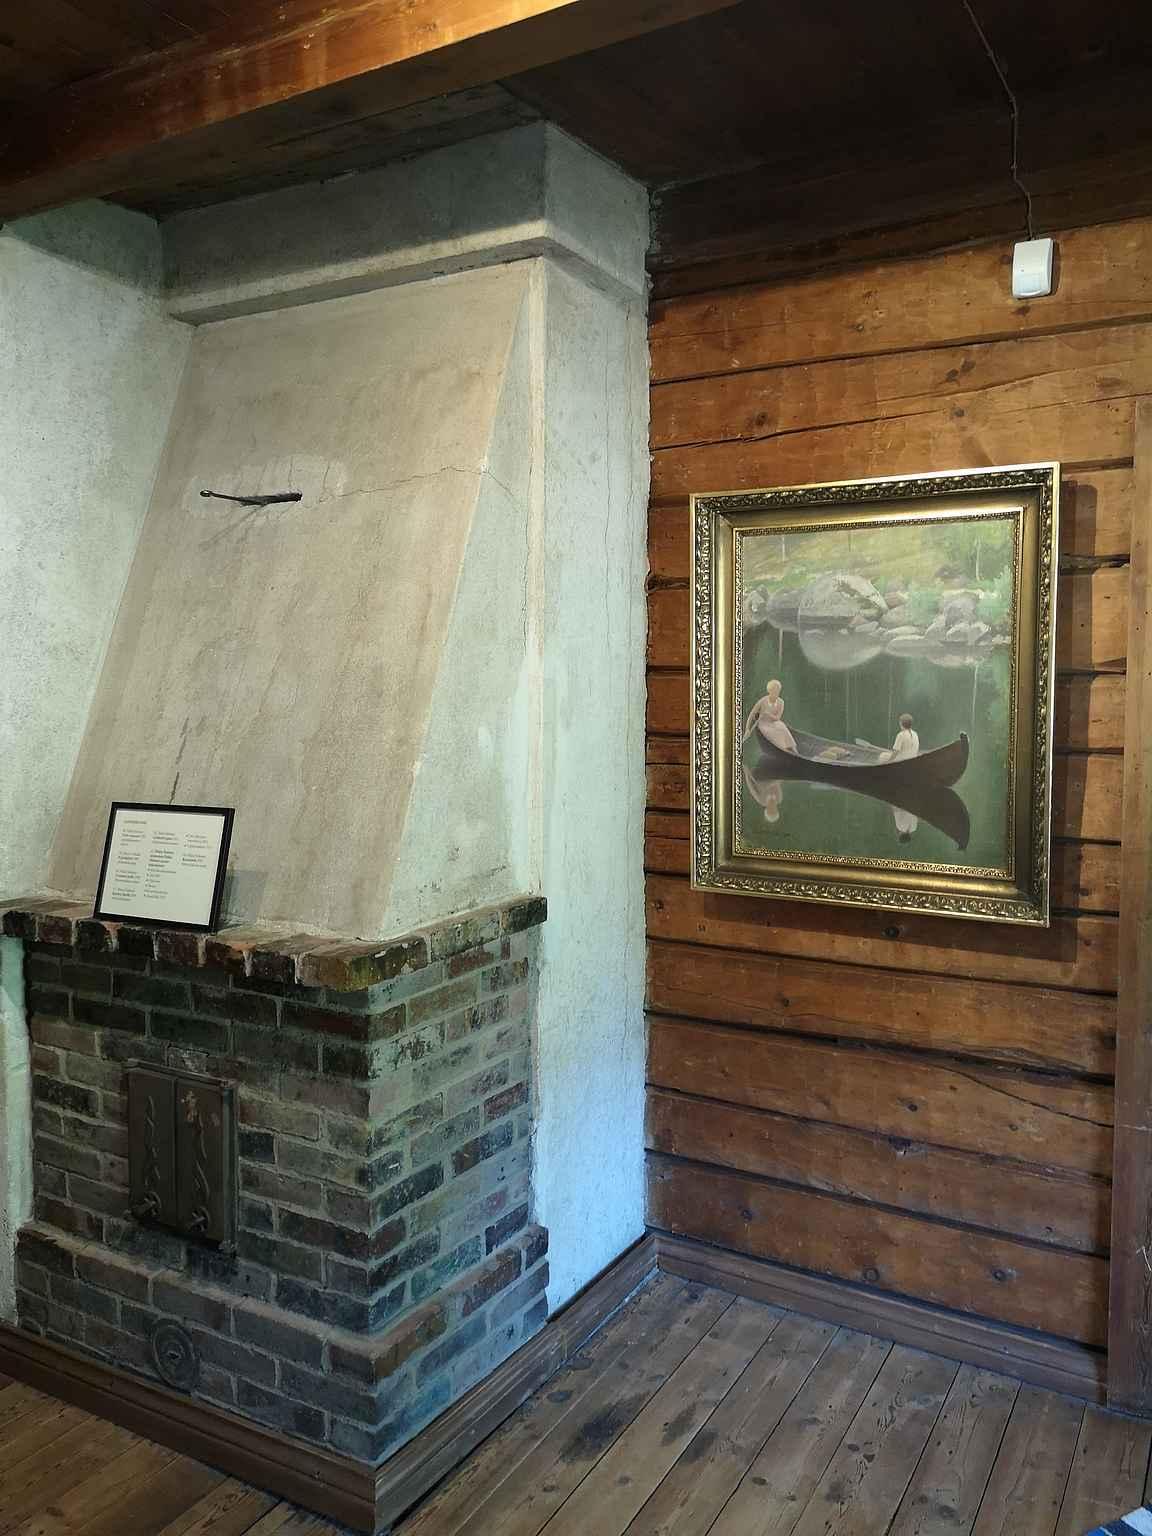 Halosenniemi on täynnä mielenkiintoisia yksityiskohtia ja upeita taideteoksia.